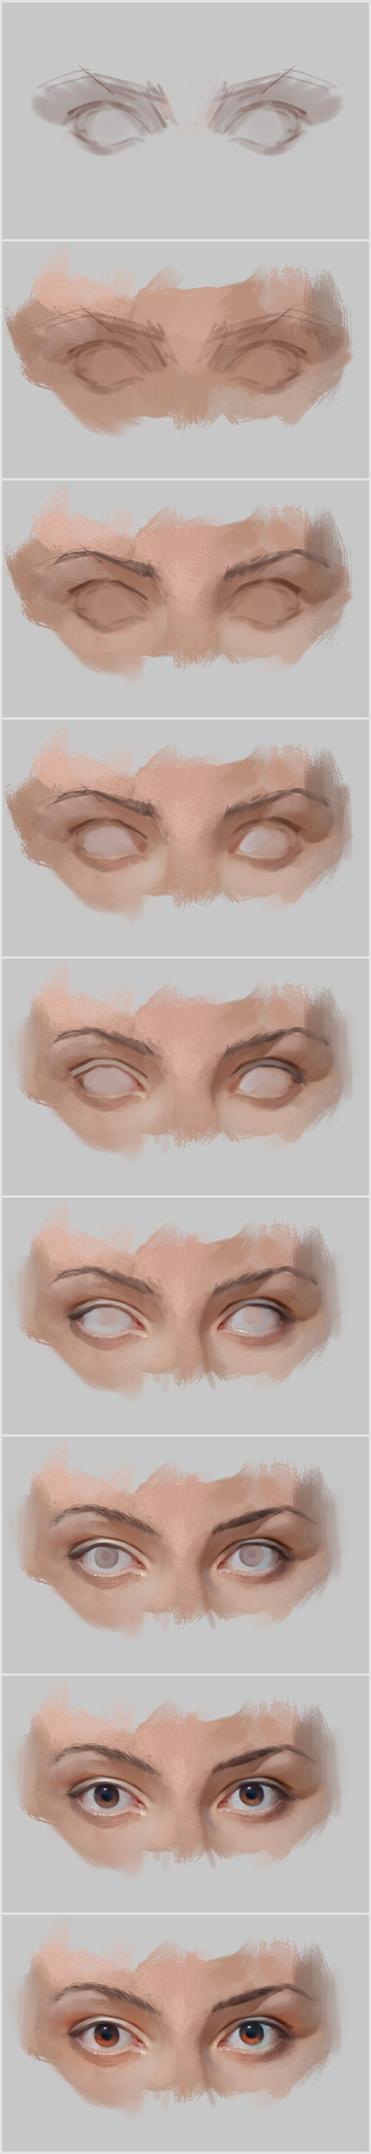 Eyes by vladgheneli